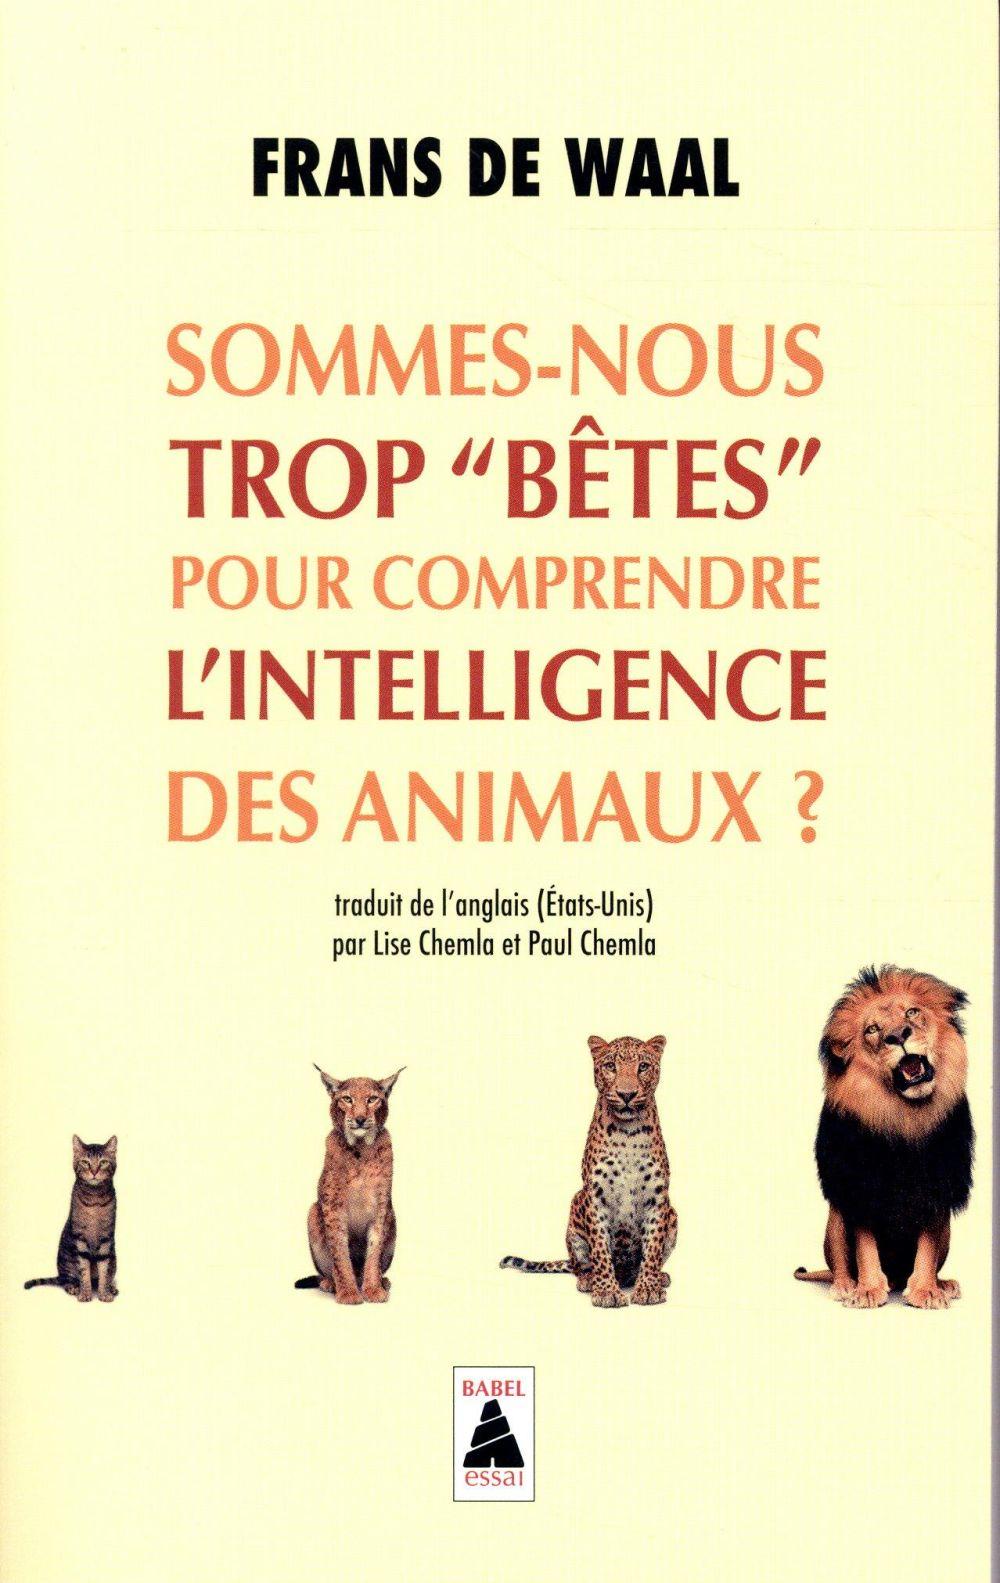 """Sommes-nous trop """"betes"""" pour comprendre l'intelligence des animaux ? (babel)"""